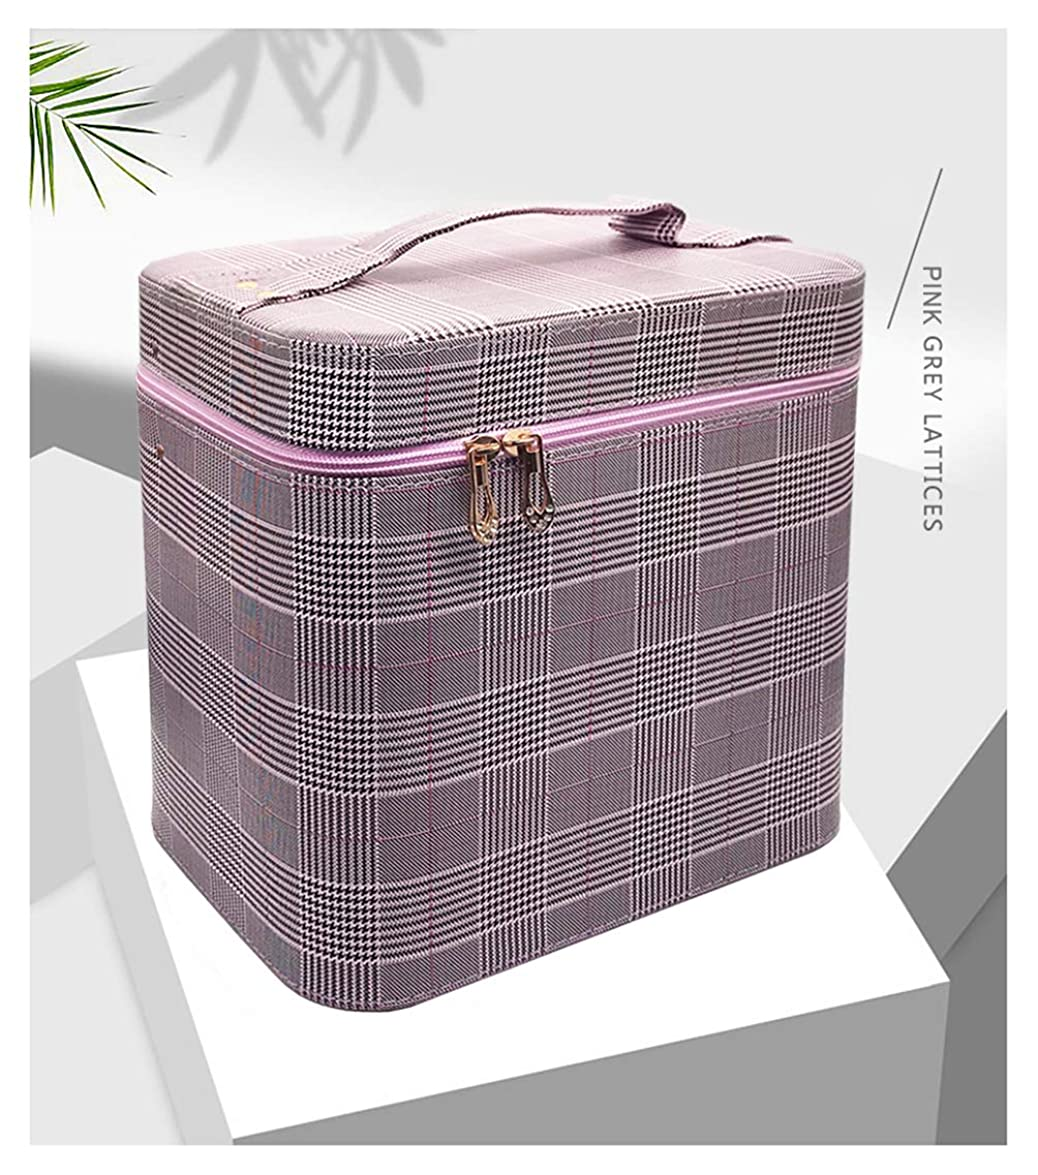 失われた貞法律によりSZTulip コスメボックス メイクボックス 大容量メイクケース 化粧品収納ケース 小物入れ 鏡付き 化粧箱 (グレー+パープルチェック)